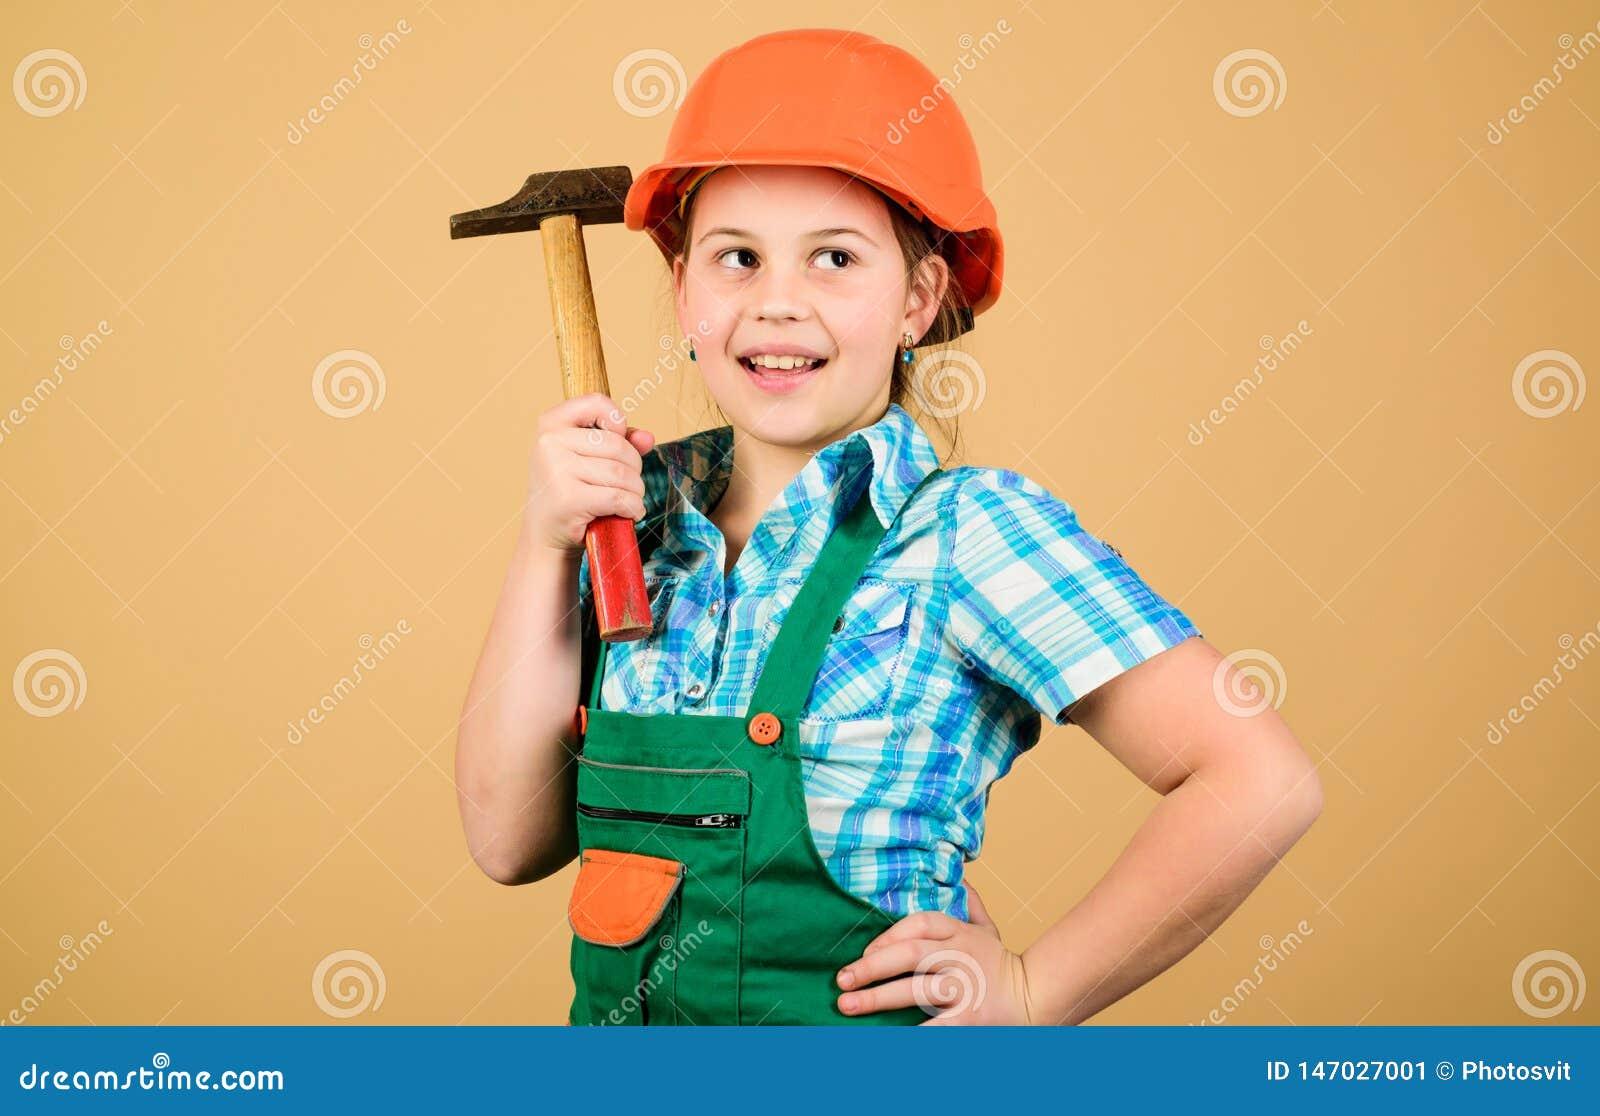 Professione futura Sviluppo di puericultura Architetto dell ingegnere del costruttore Lavoratore del bambino in casco Strumenti p